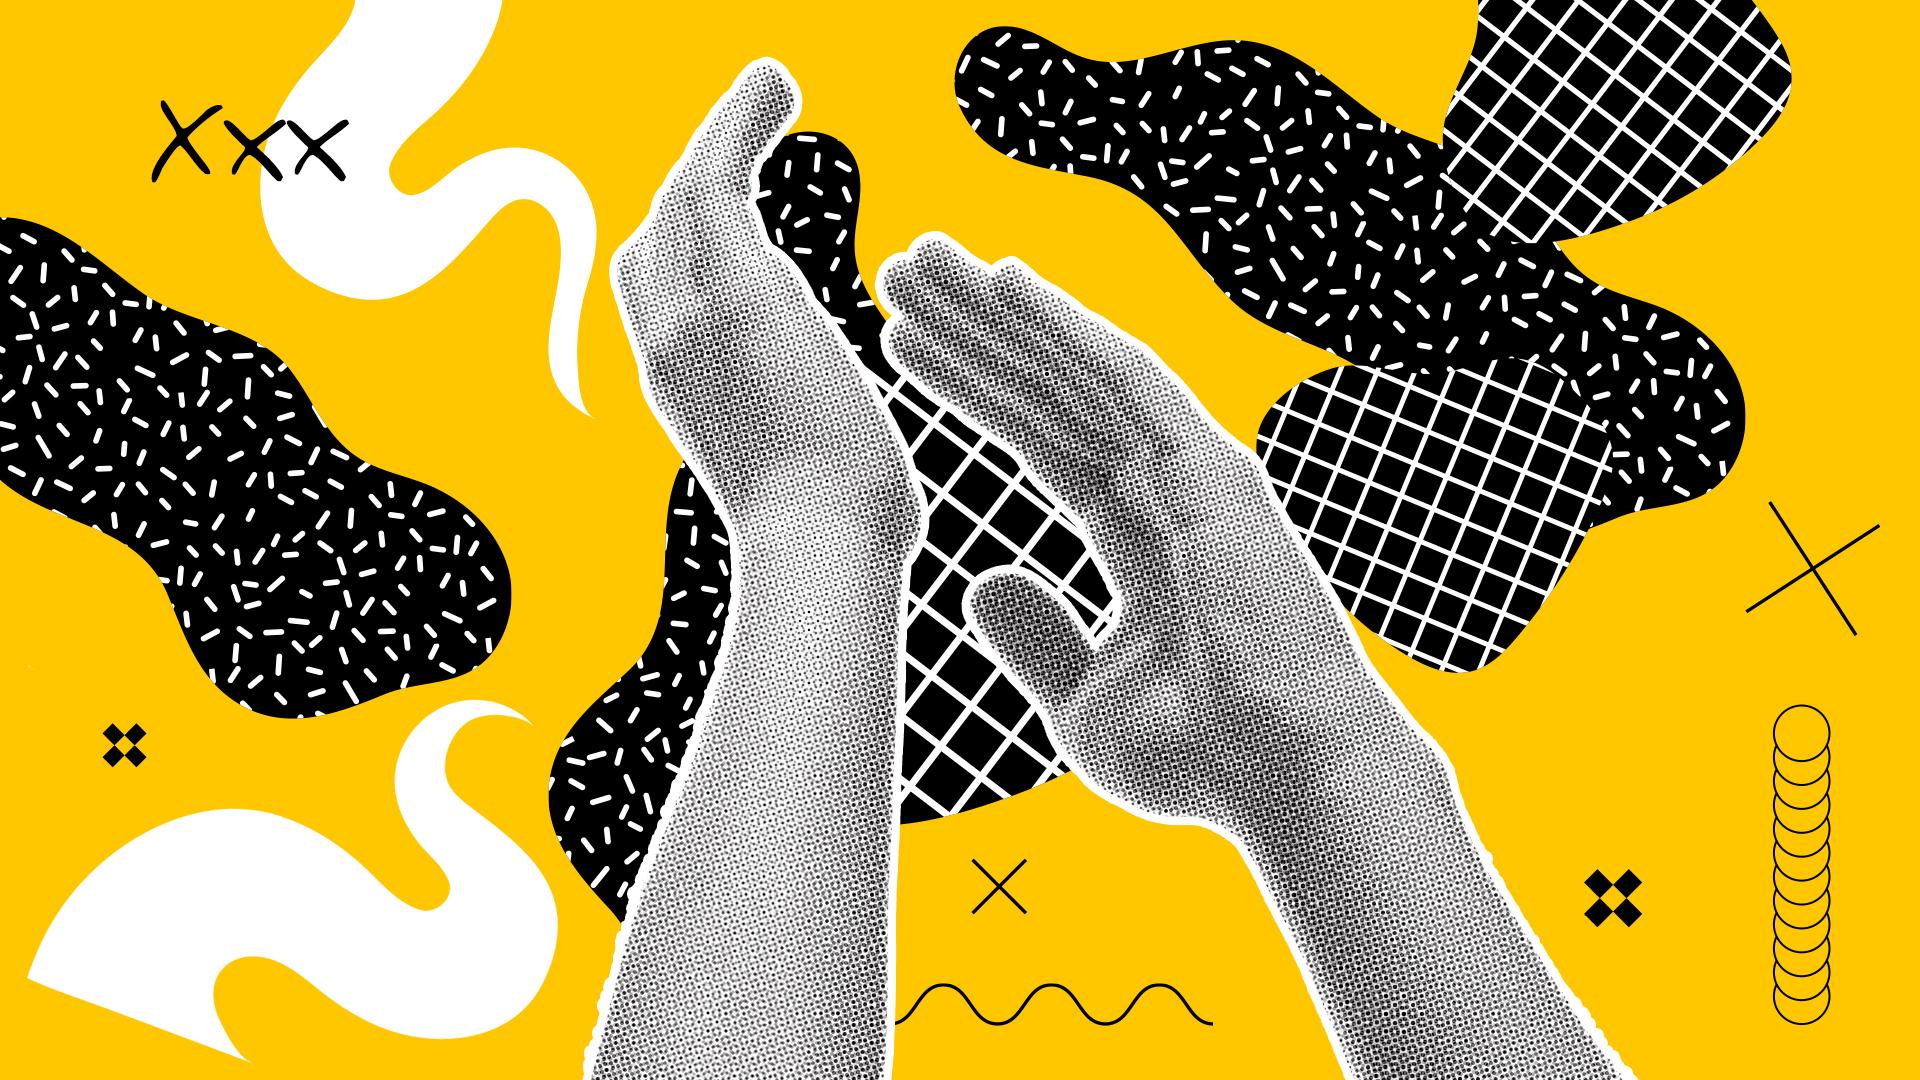 Design Thinking applicato le tre regole che portano all'innovazione di prodotto e di processo